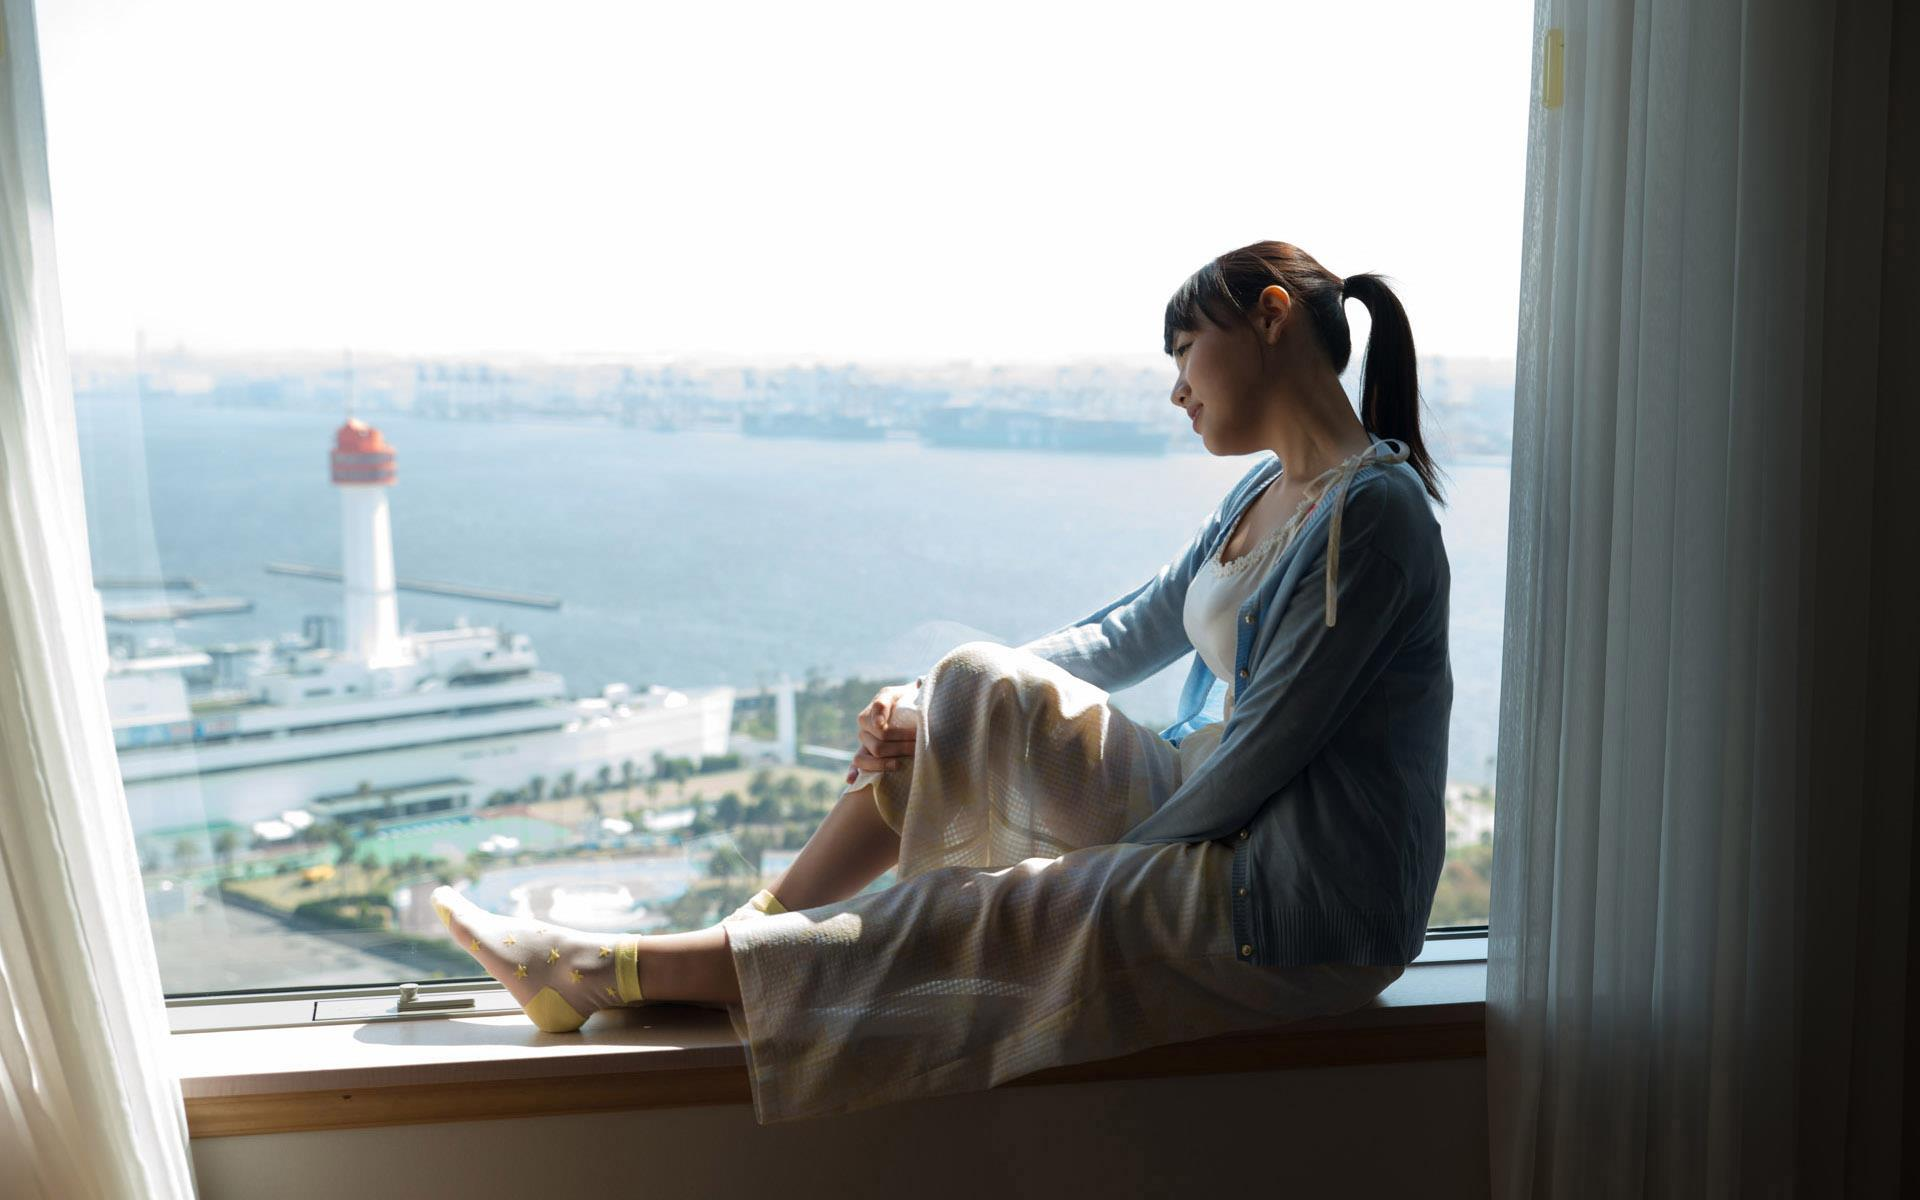 【浜崎真緒エロ画像】柔らか系デカ乳輪の企画系女優・浜崎真緒!(;´∀`)